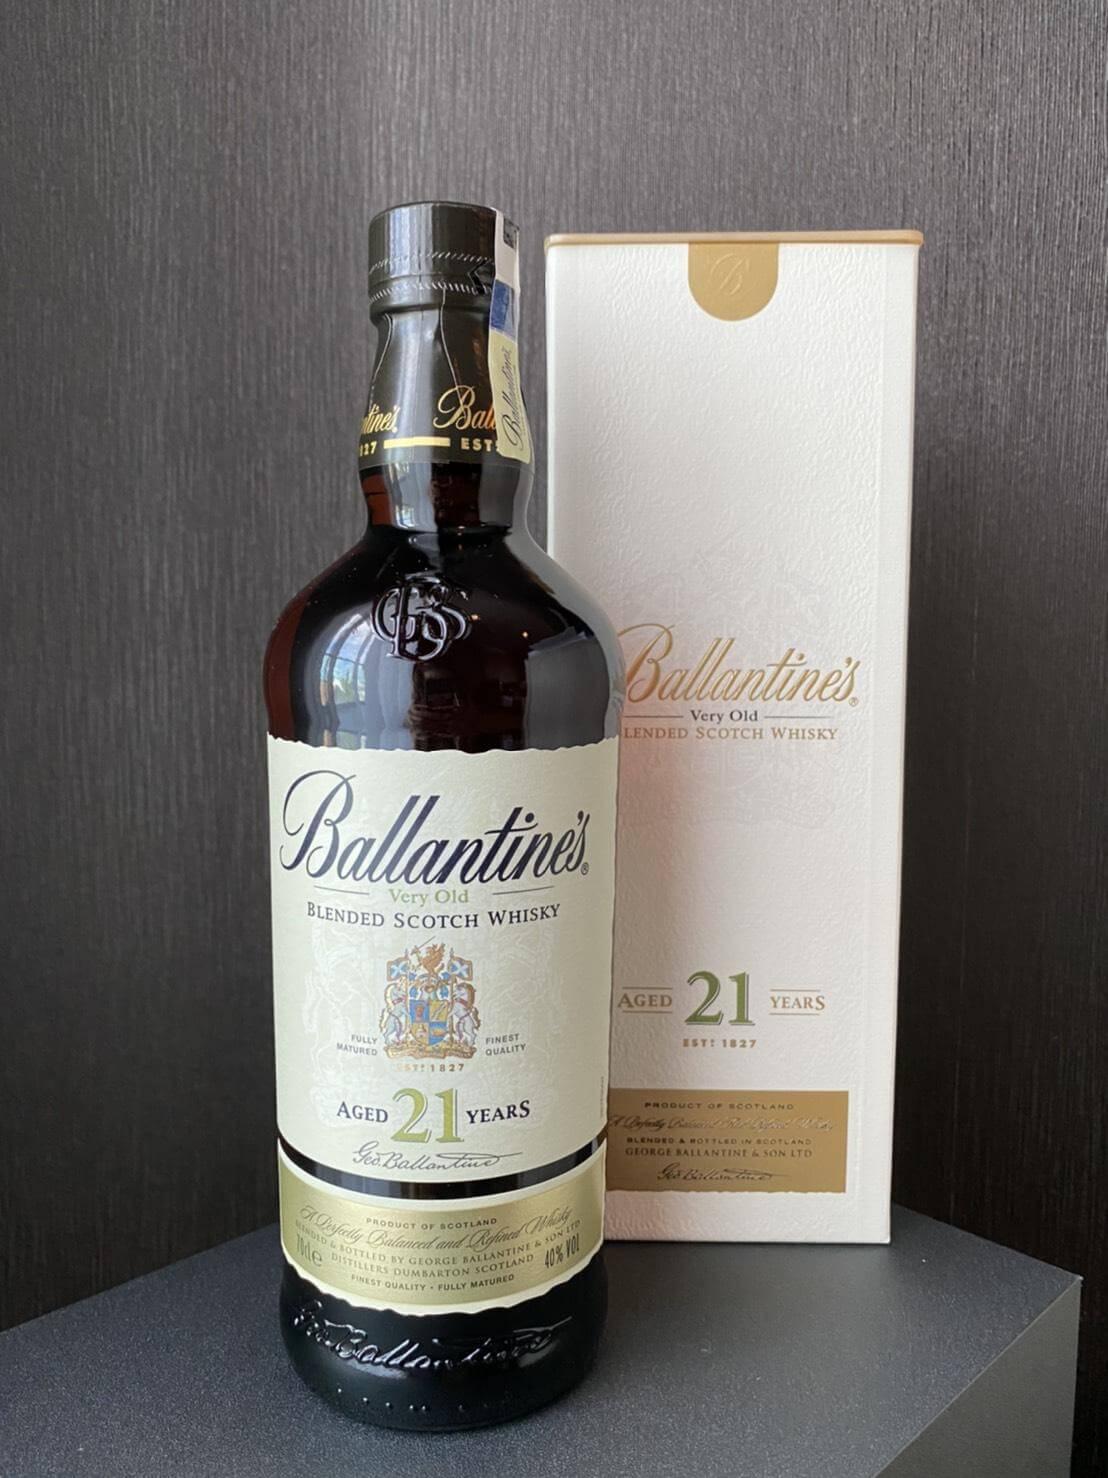 Hương vị đặc biệt của rượu Ballantines 21